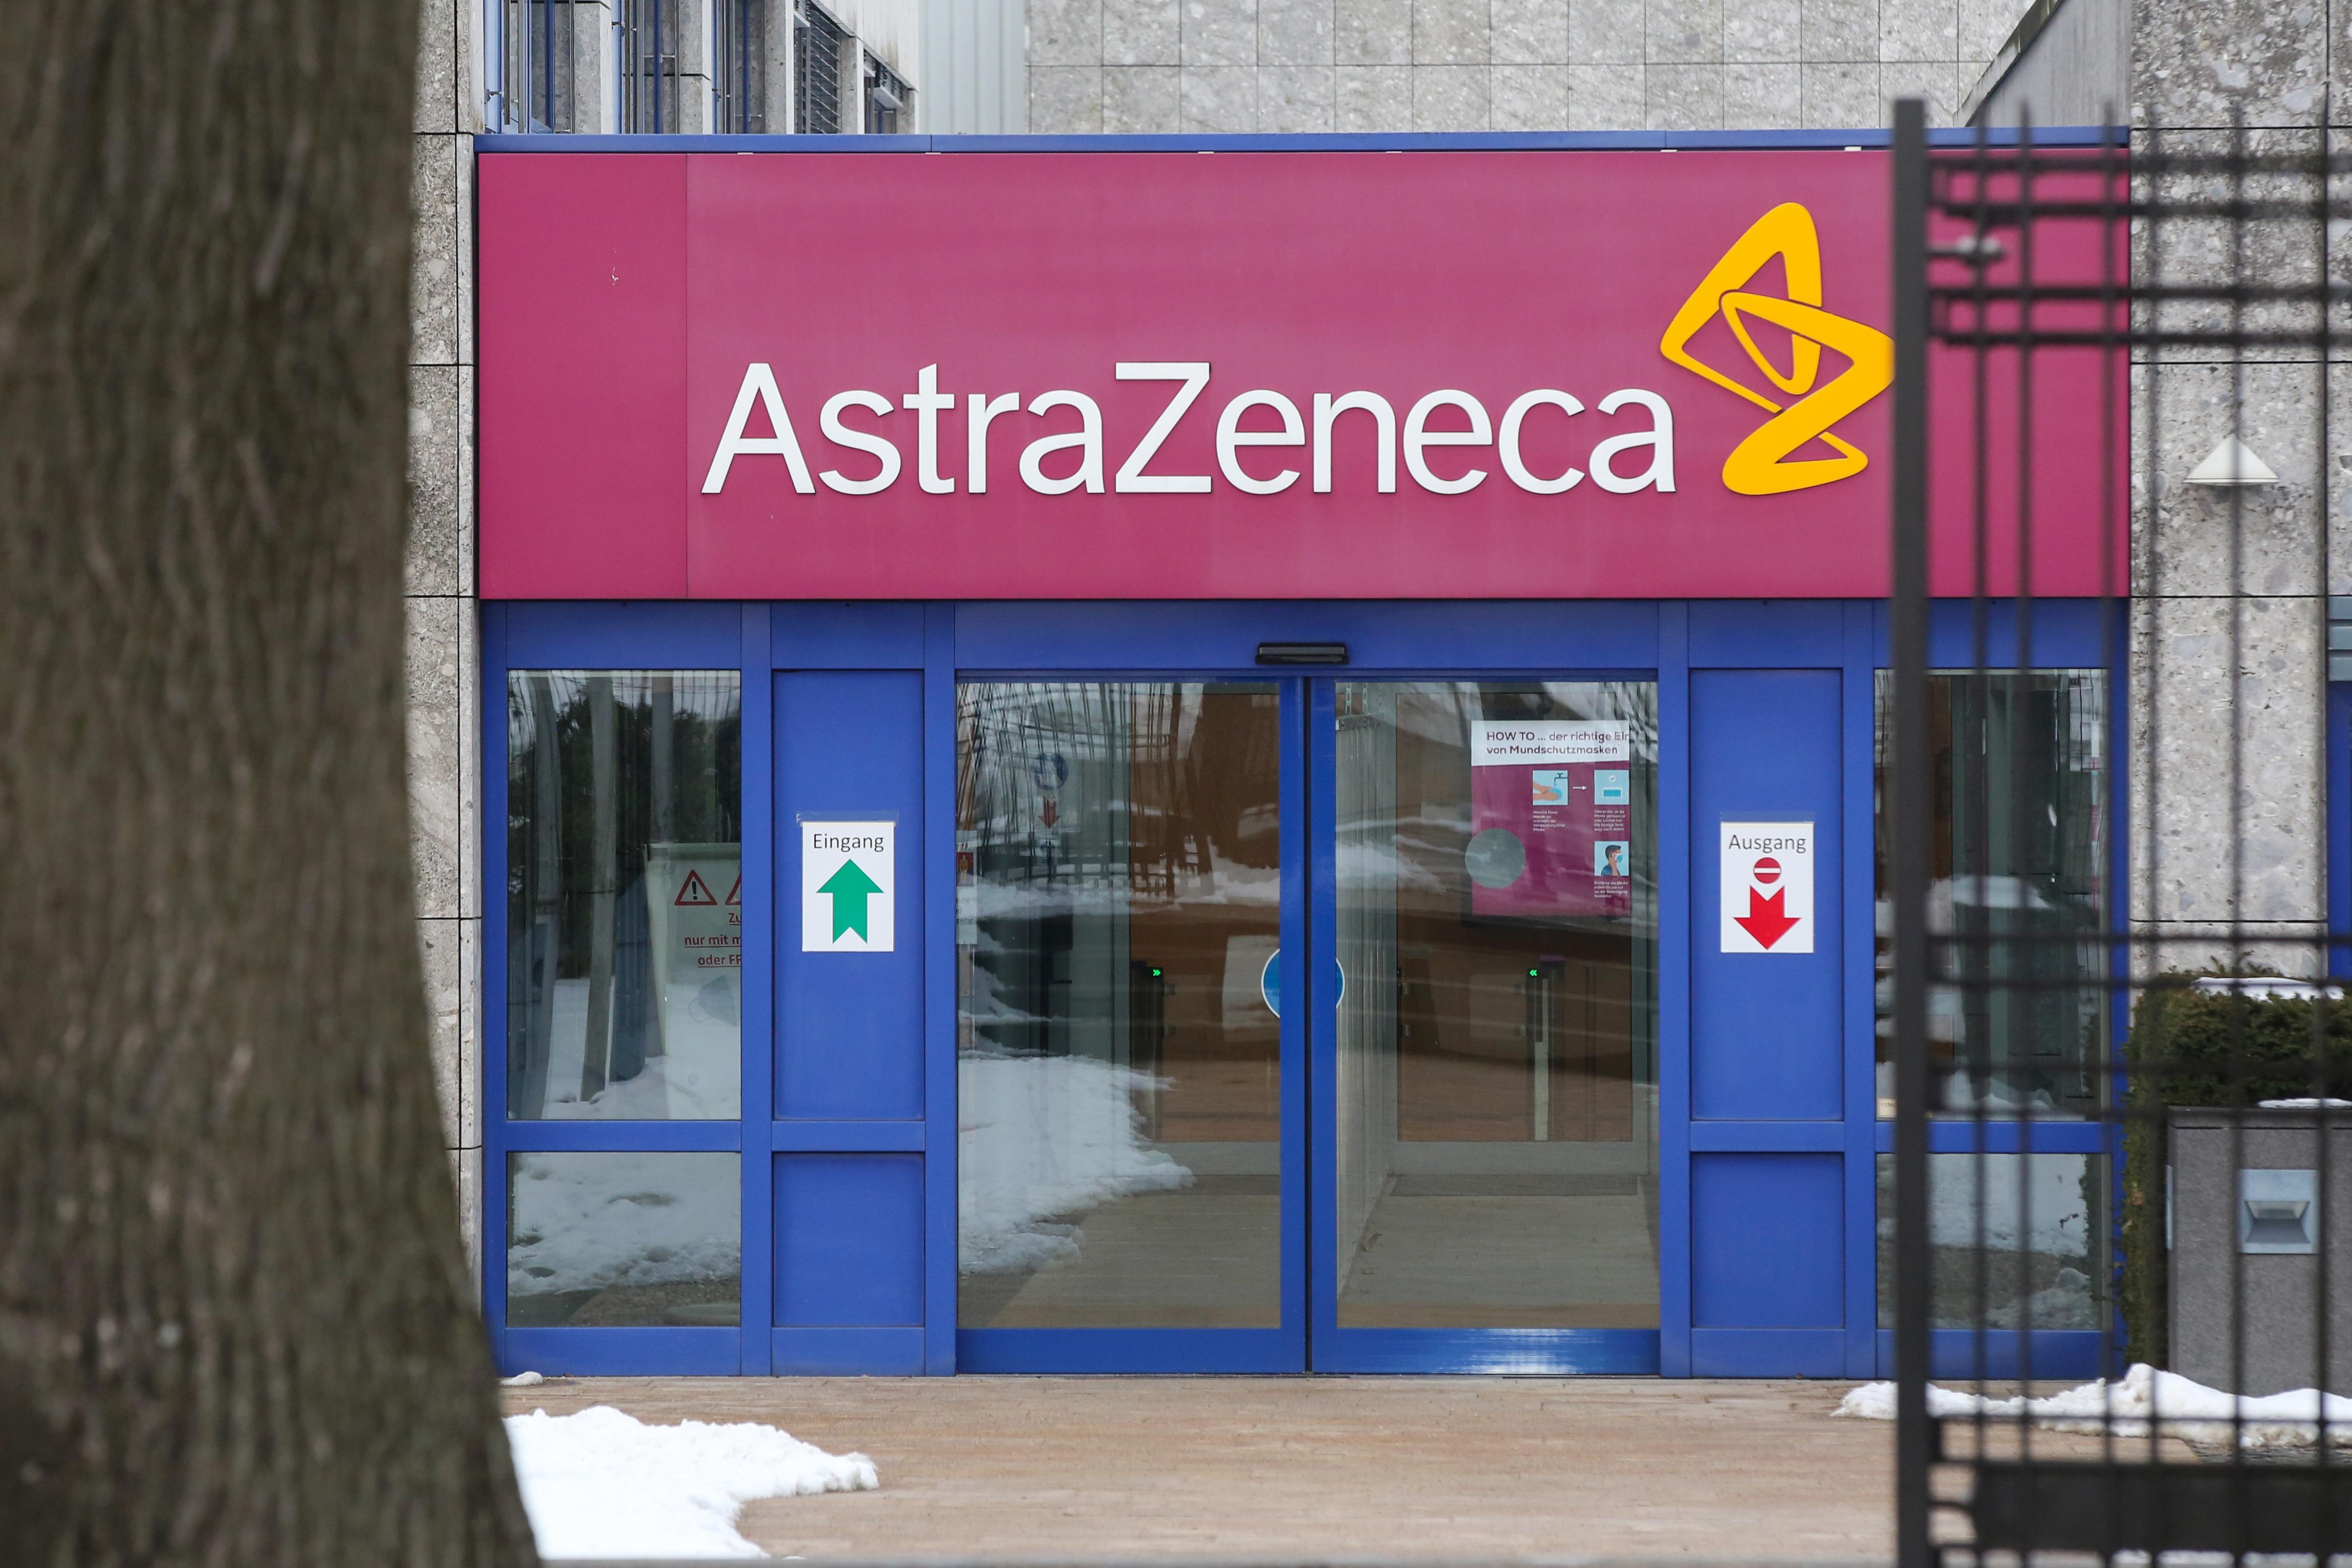 Dél-Afrikában egyelőre nem oltanak az AstraZeneca vakcinájával